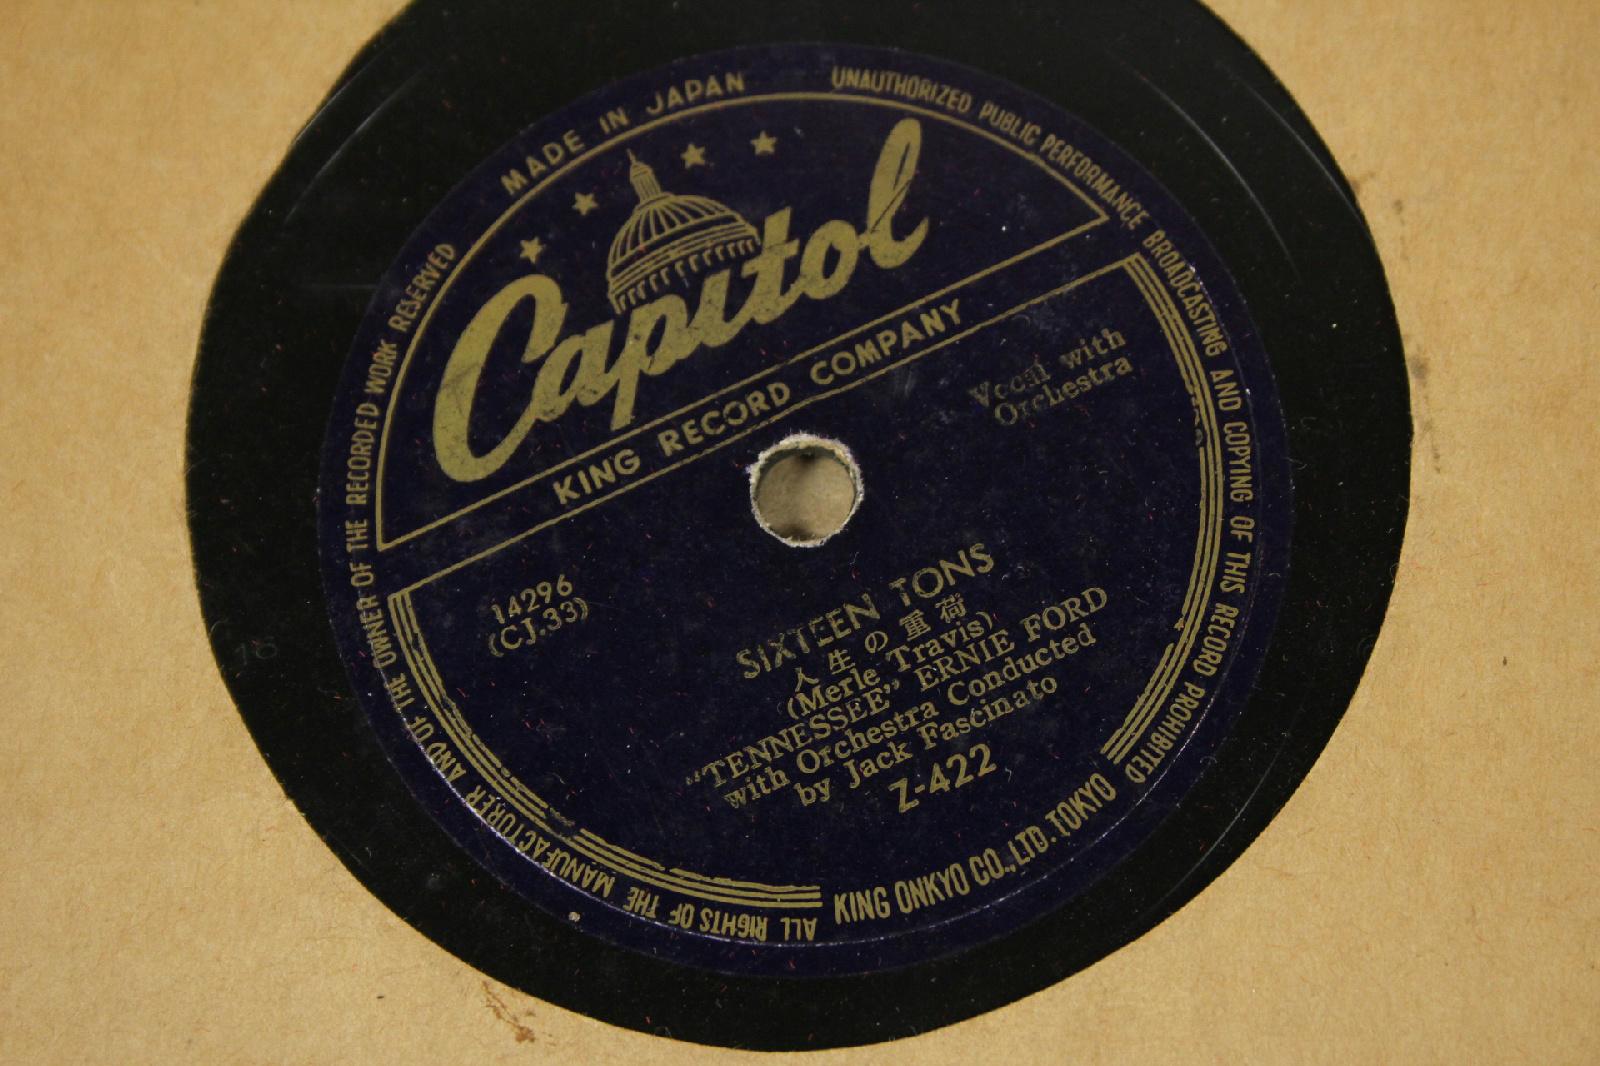 Vintage Retro Record Carrying Case Vintage Vinyl Ebay